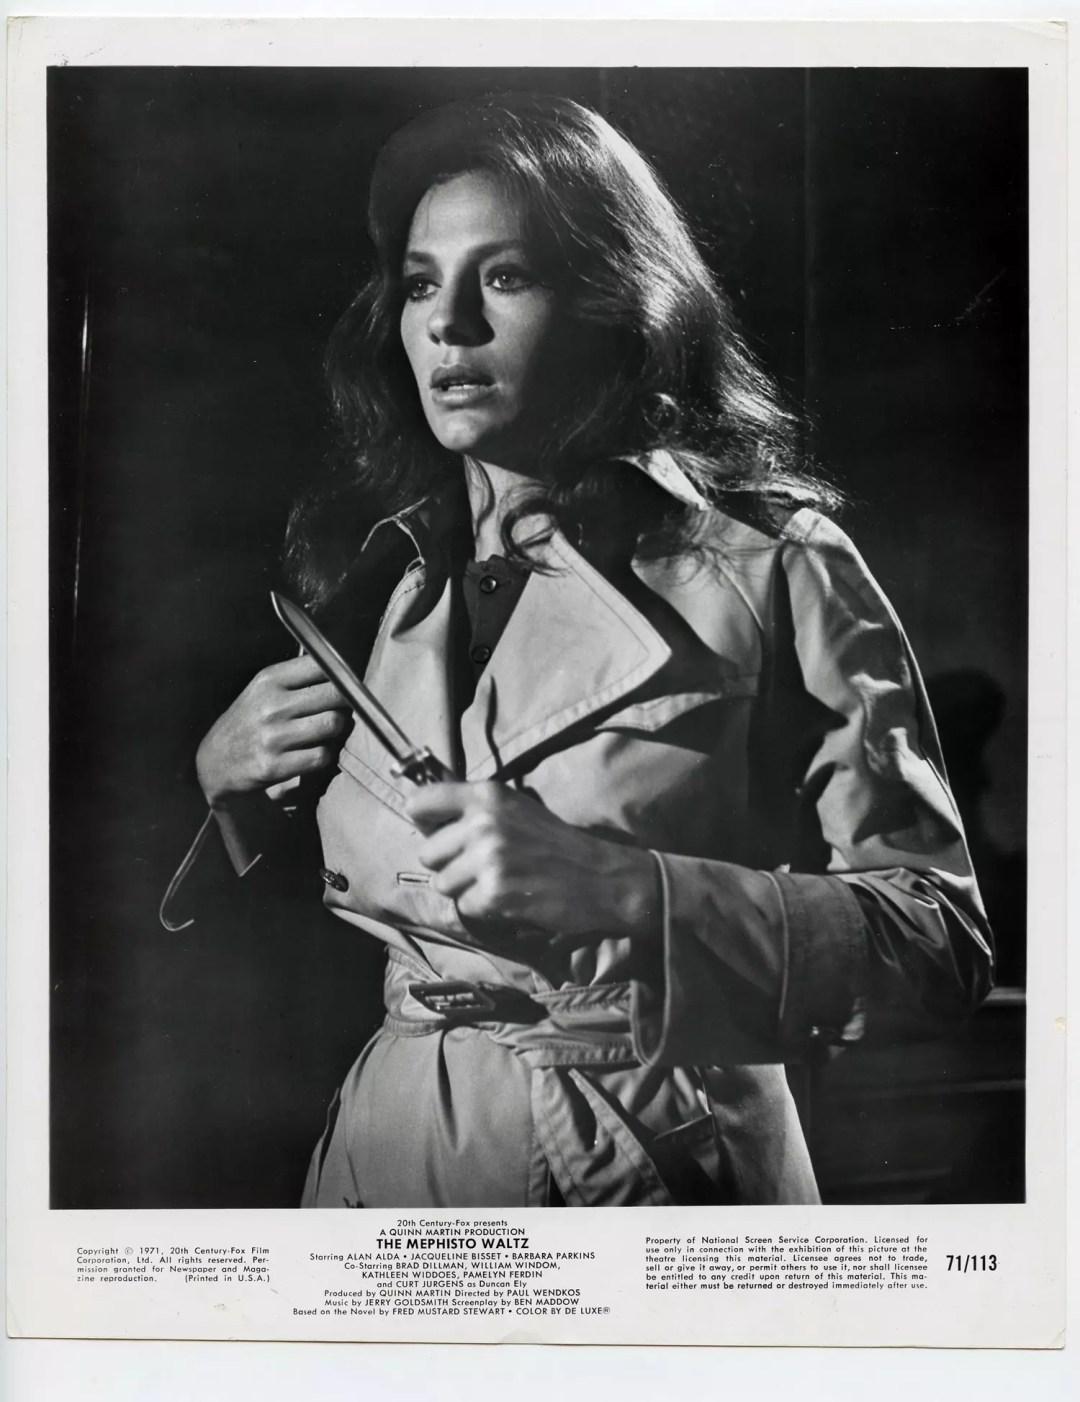 Jacqueline Bisset 1971 The Mephisto Waltz Lobby Card 8x10